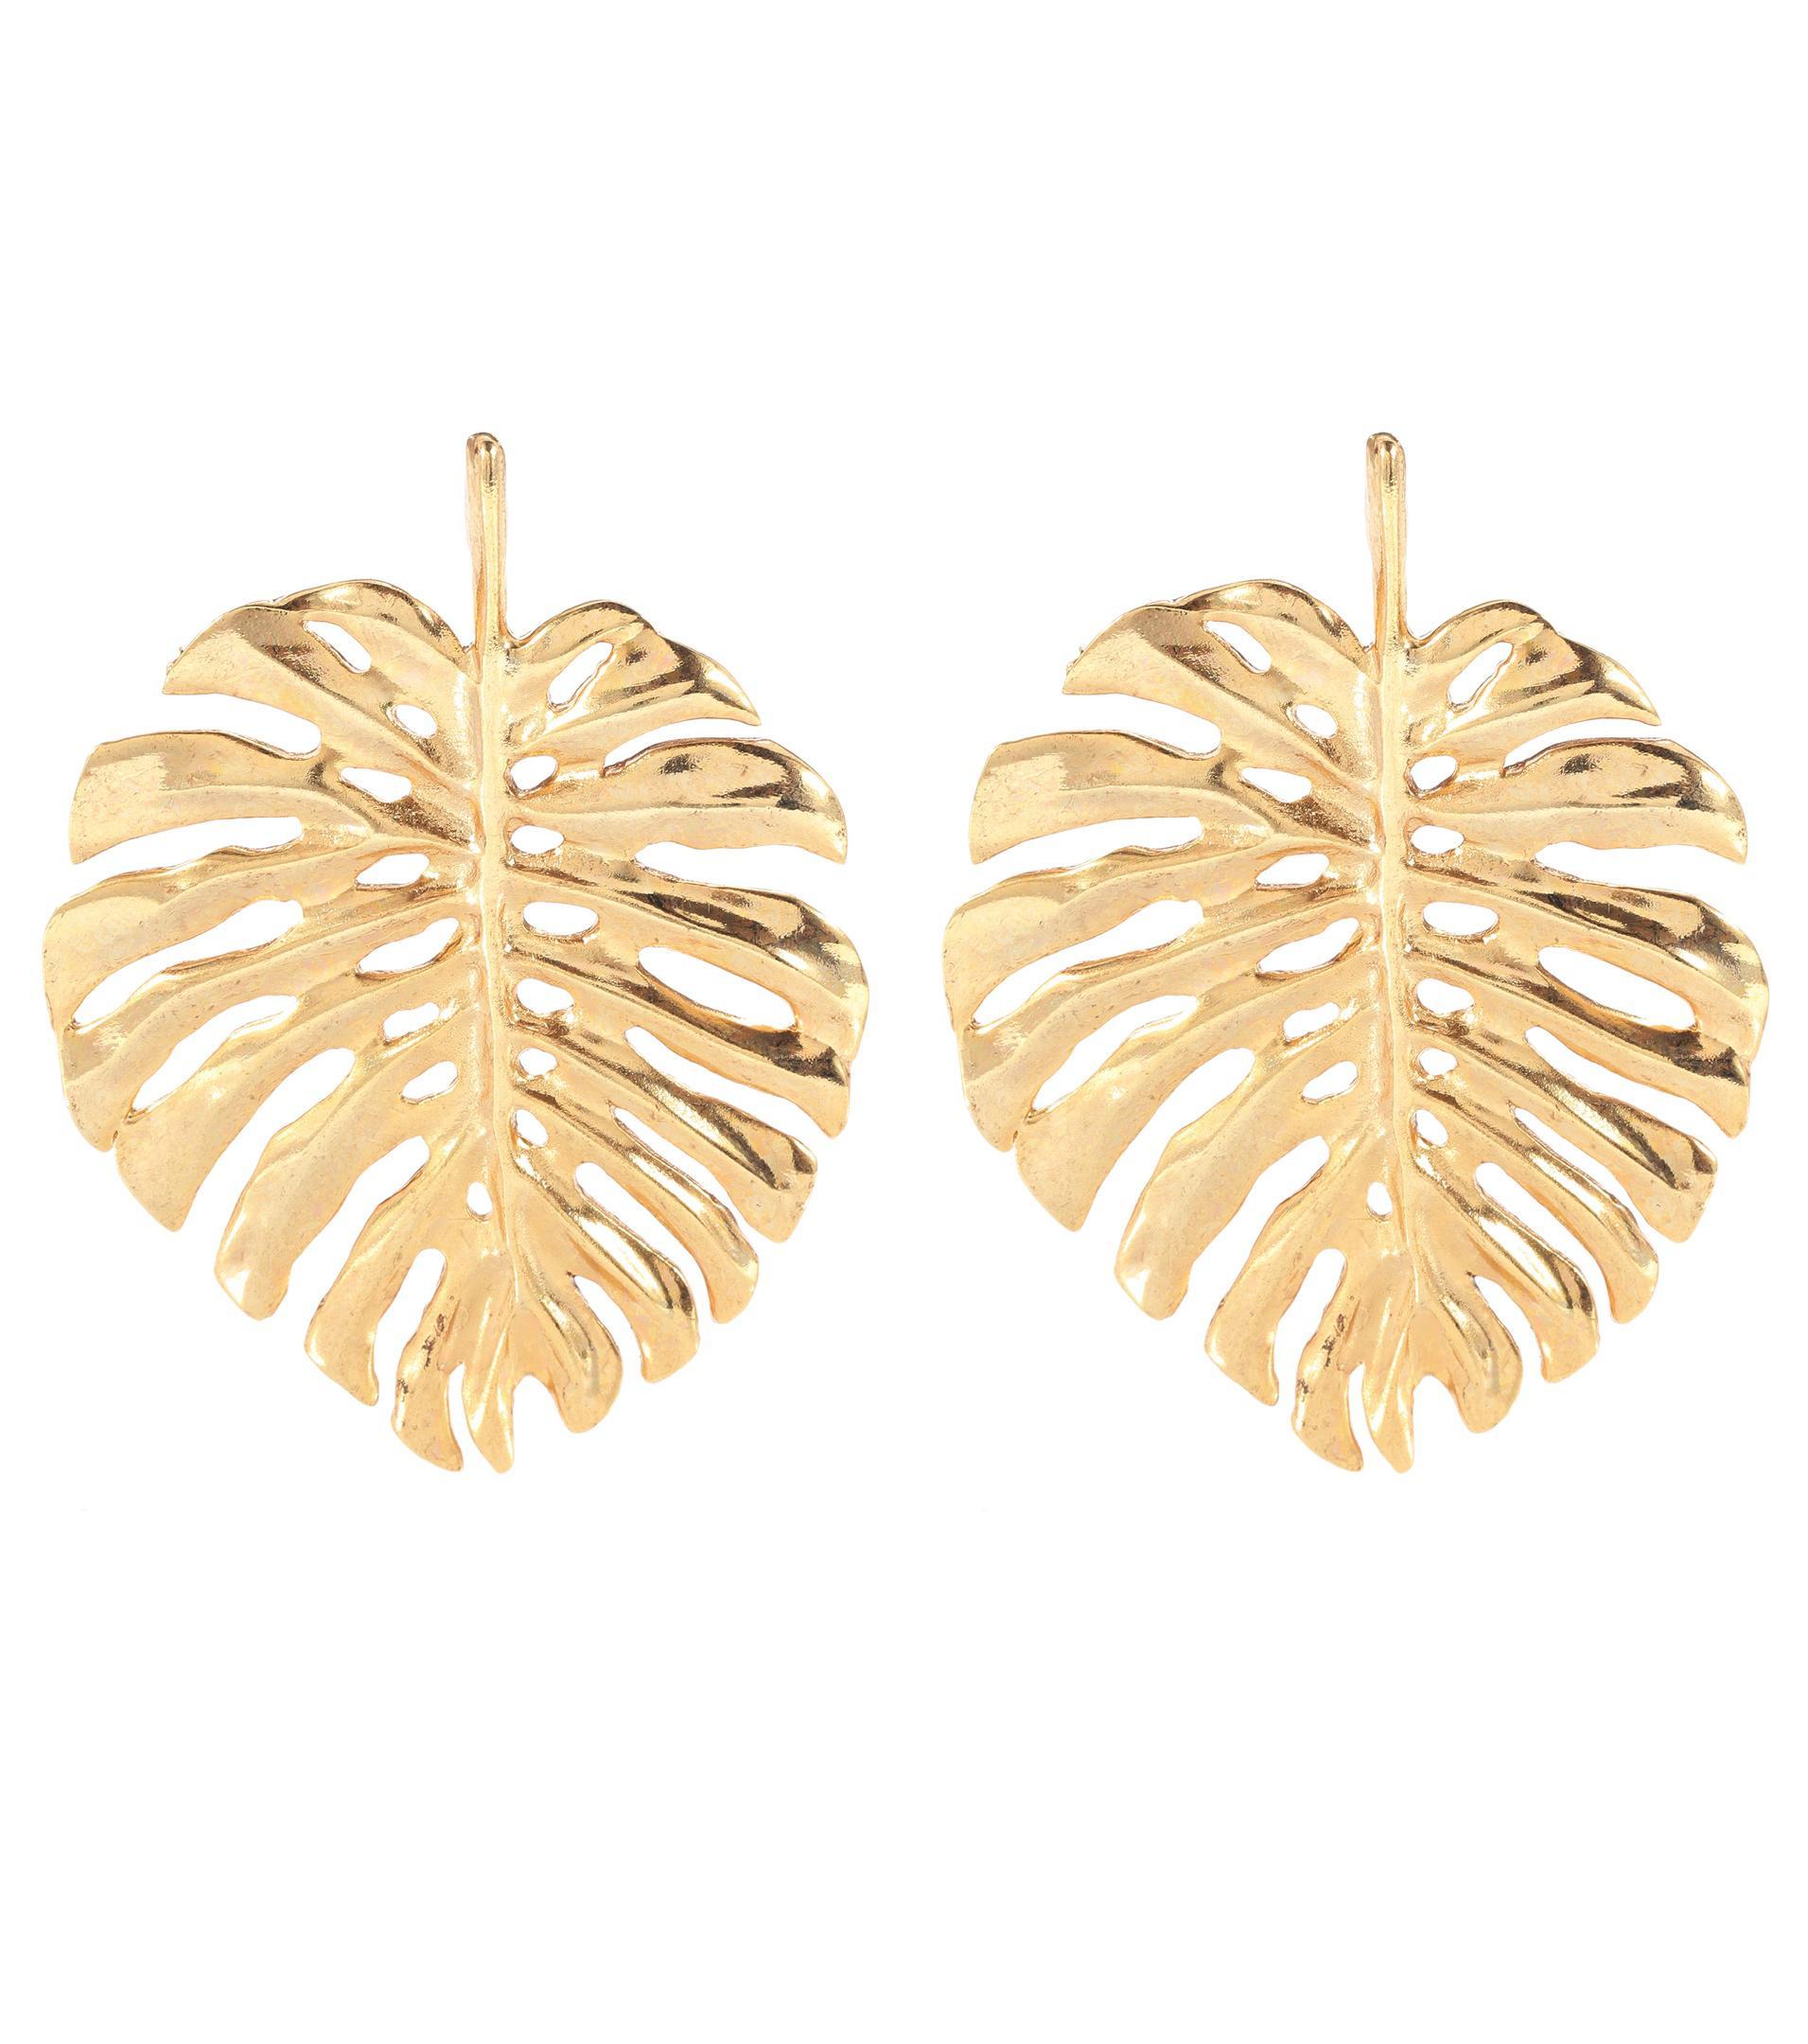 7132c85d7 Oscar de la Renta Palm Leaf Earrings in Metallic - Lyst